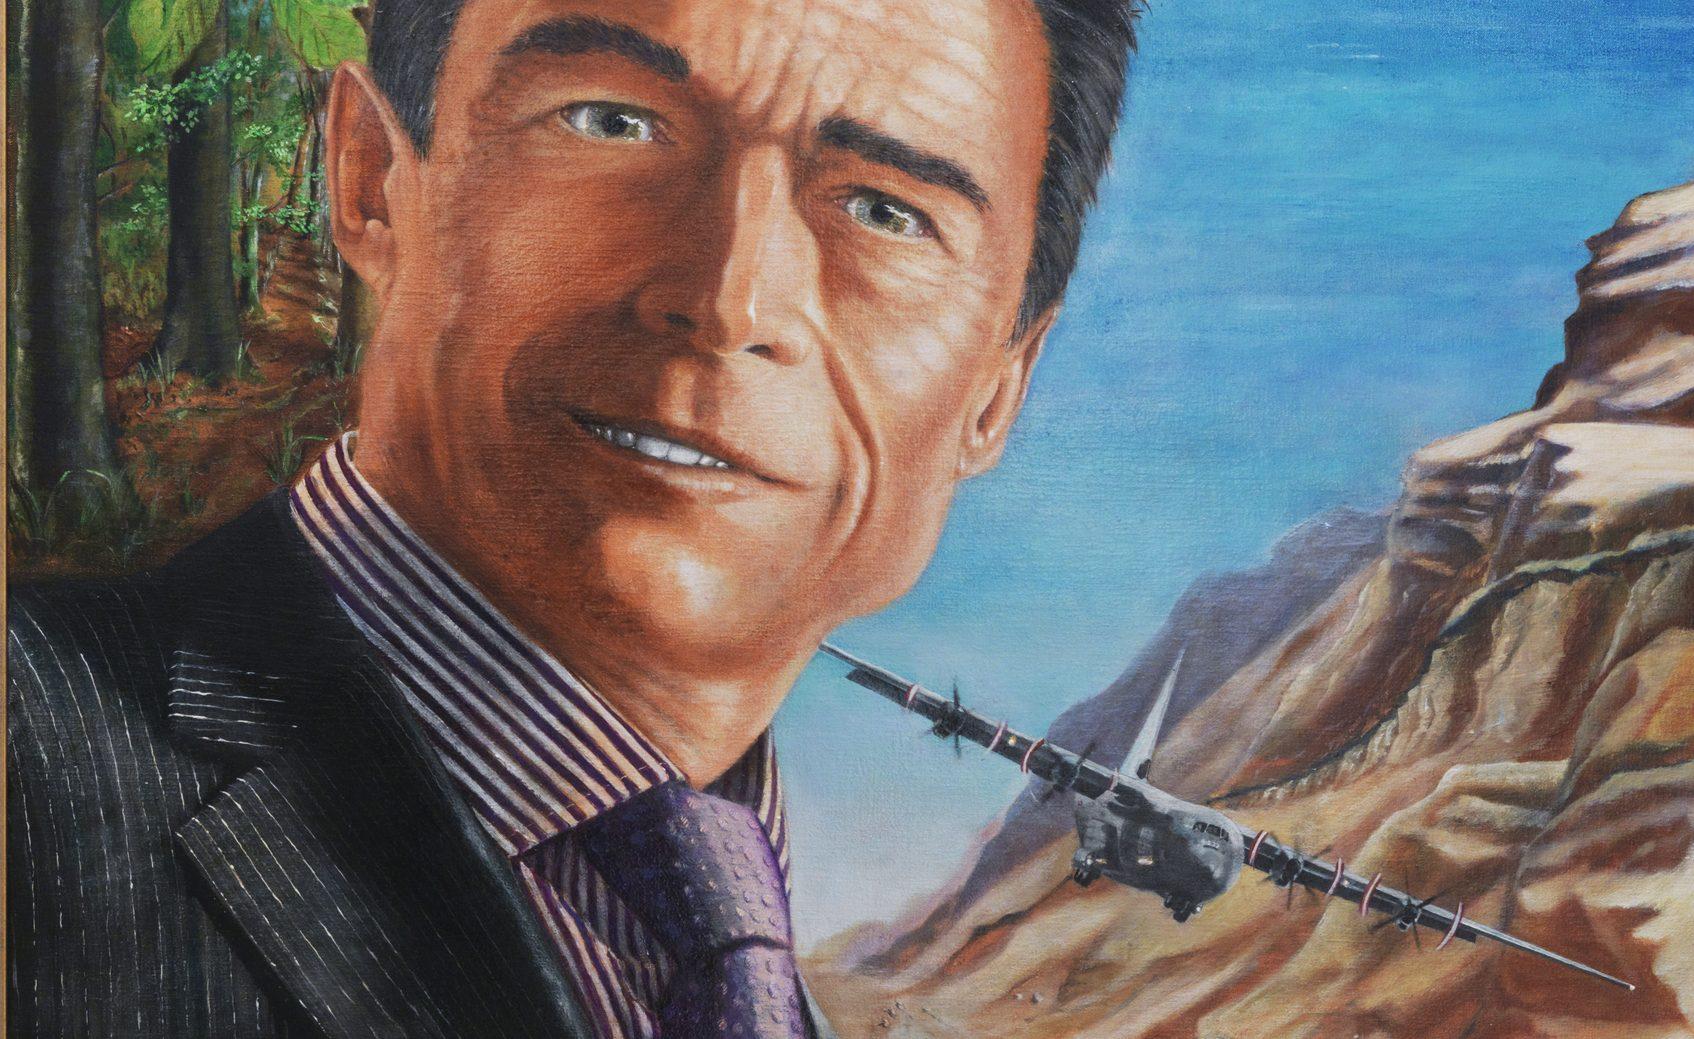 Portrætmaleri af fhv. statsminister, nuværende Generalsekretær fot NATO, Anders Fogh Rasmussen, malet af Simone Aaberg Kærn - 2010 - udsnit.